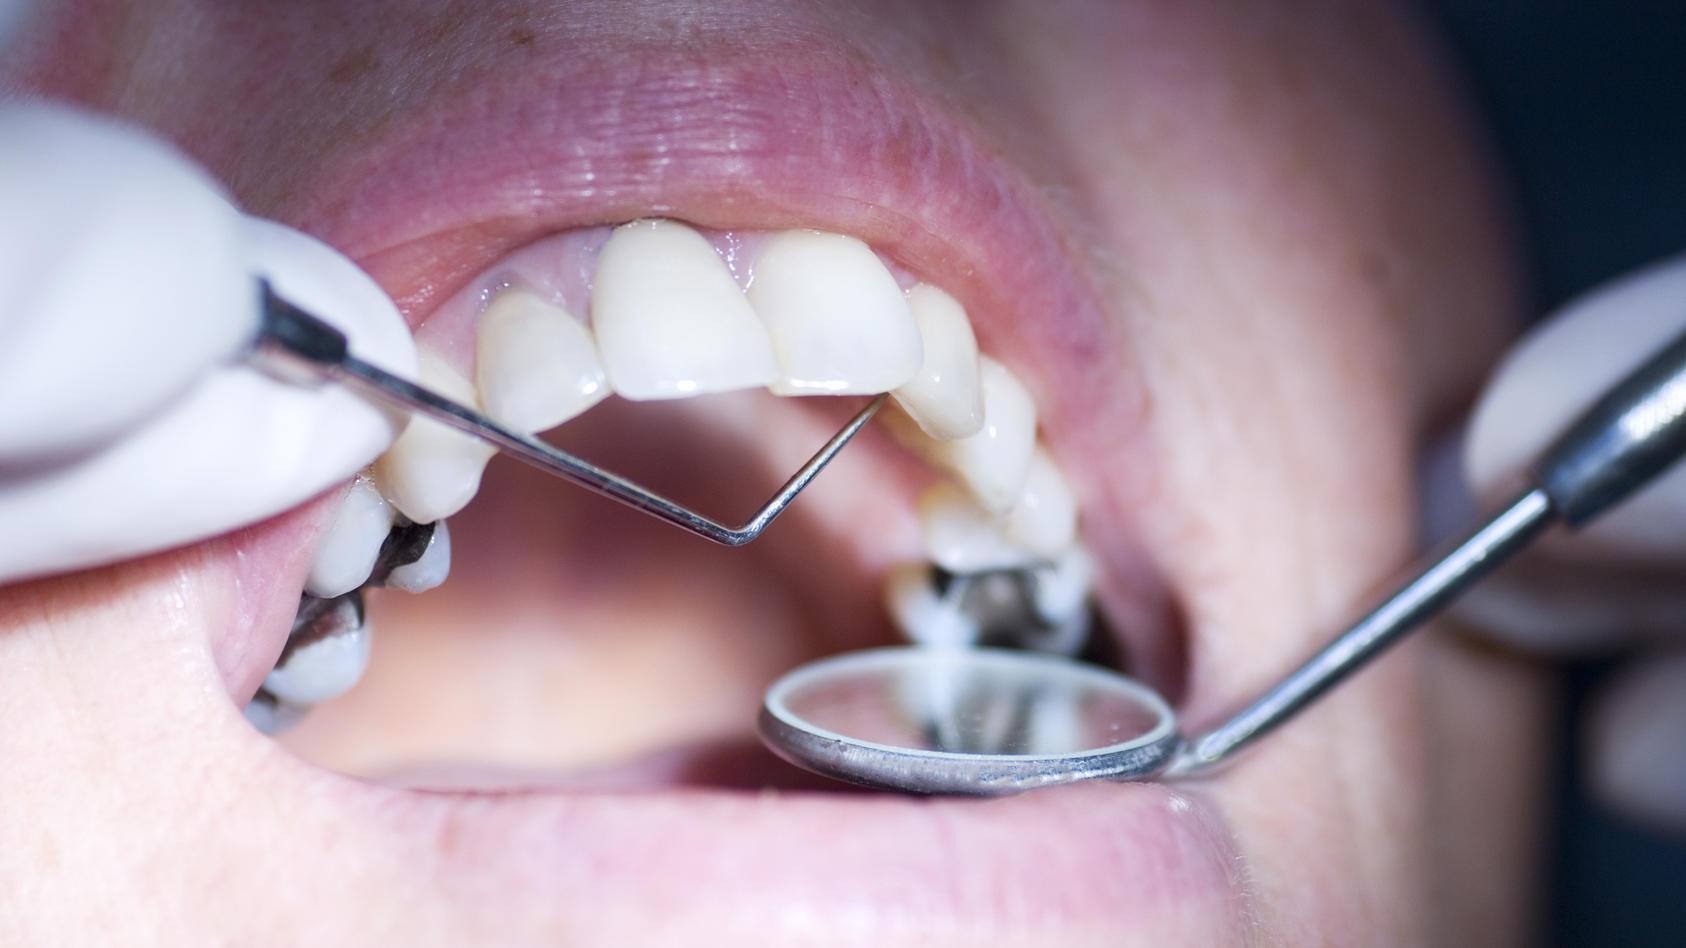 Chlorhexidin ist ein Antiseptikum, das vor allem in der Zahnmedizin verwendet wird